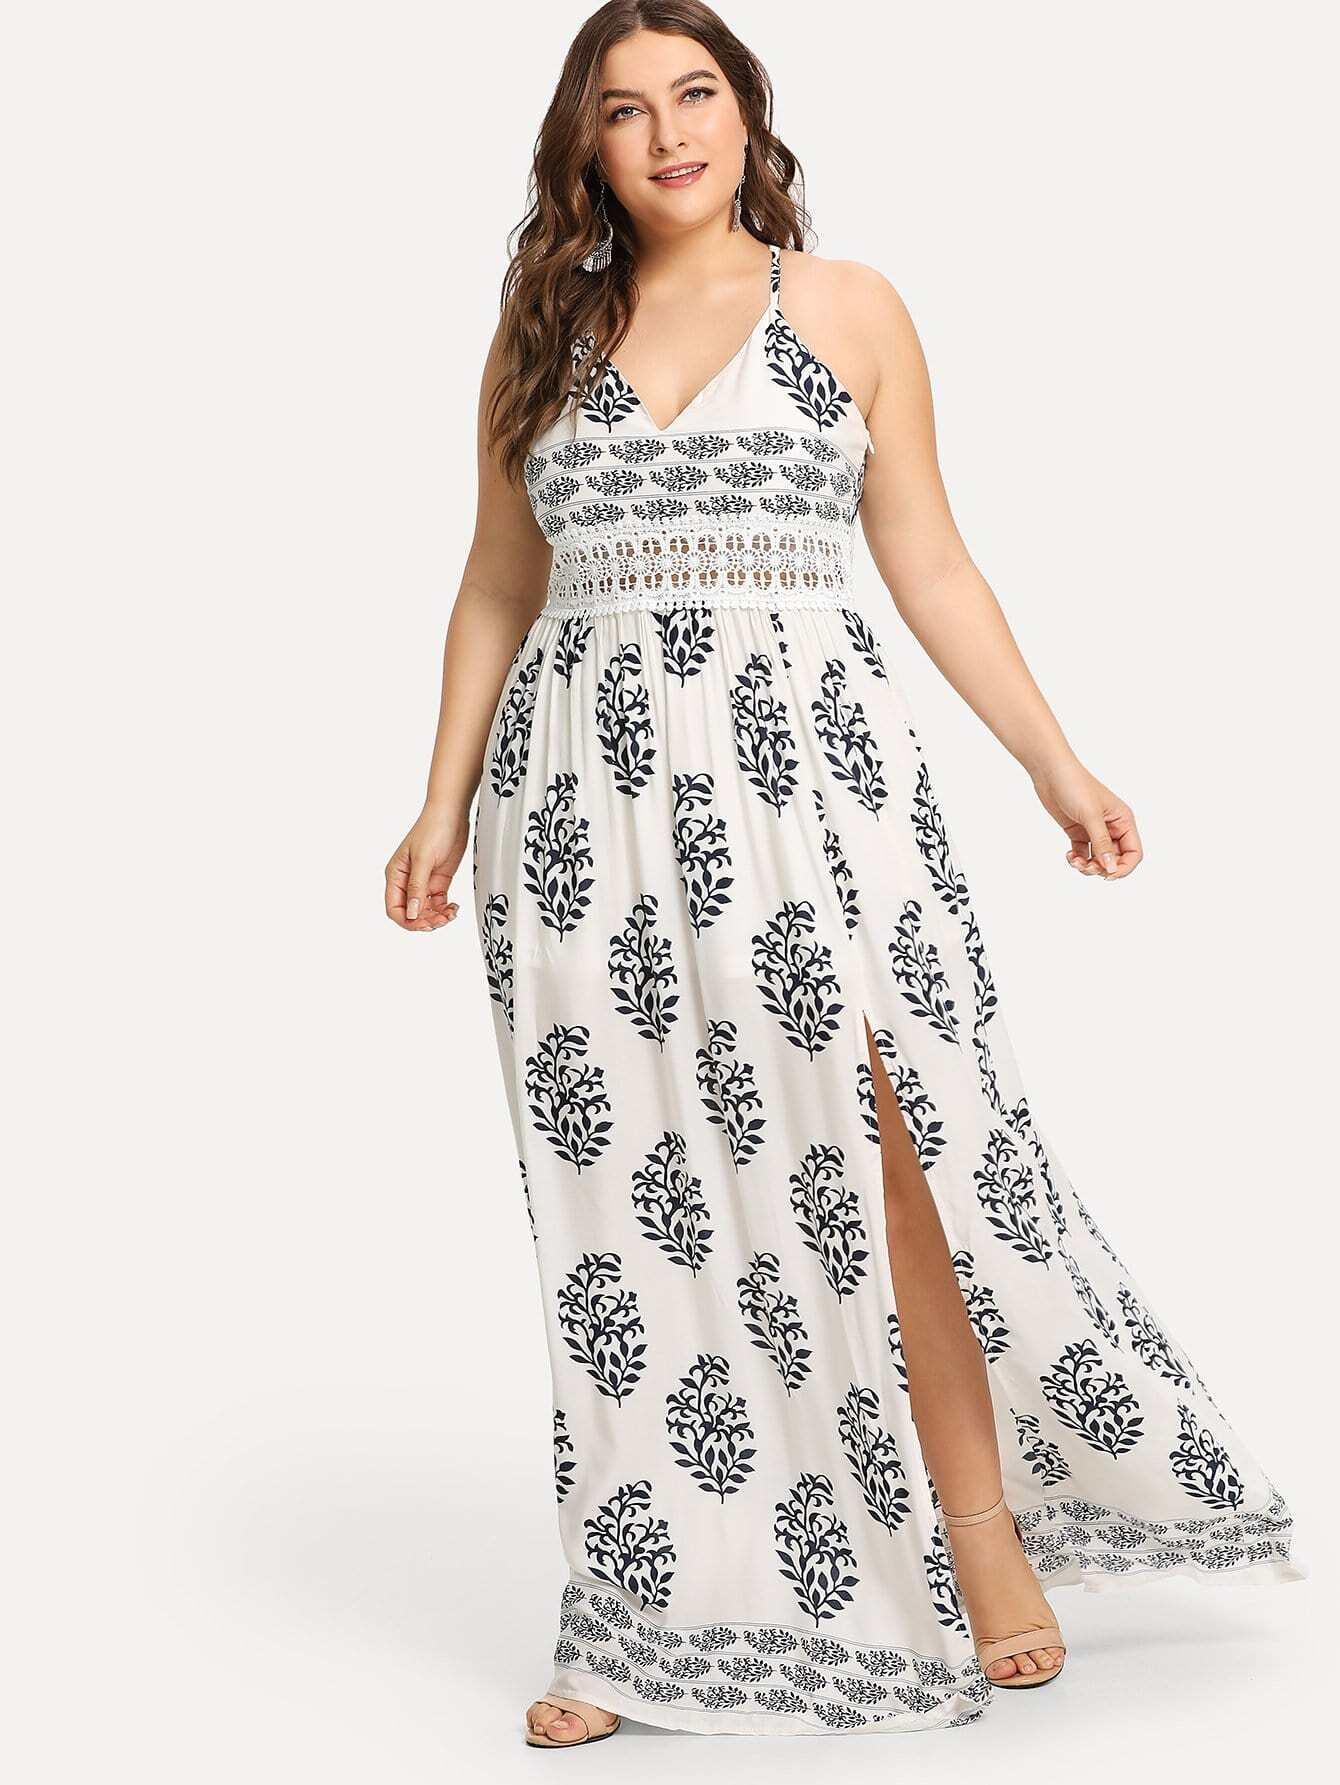 Plus Graphic Print Split Contrast Lace Dress